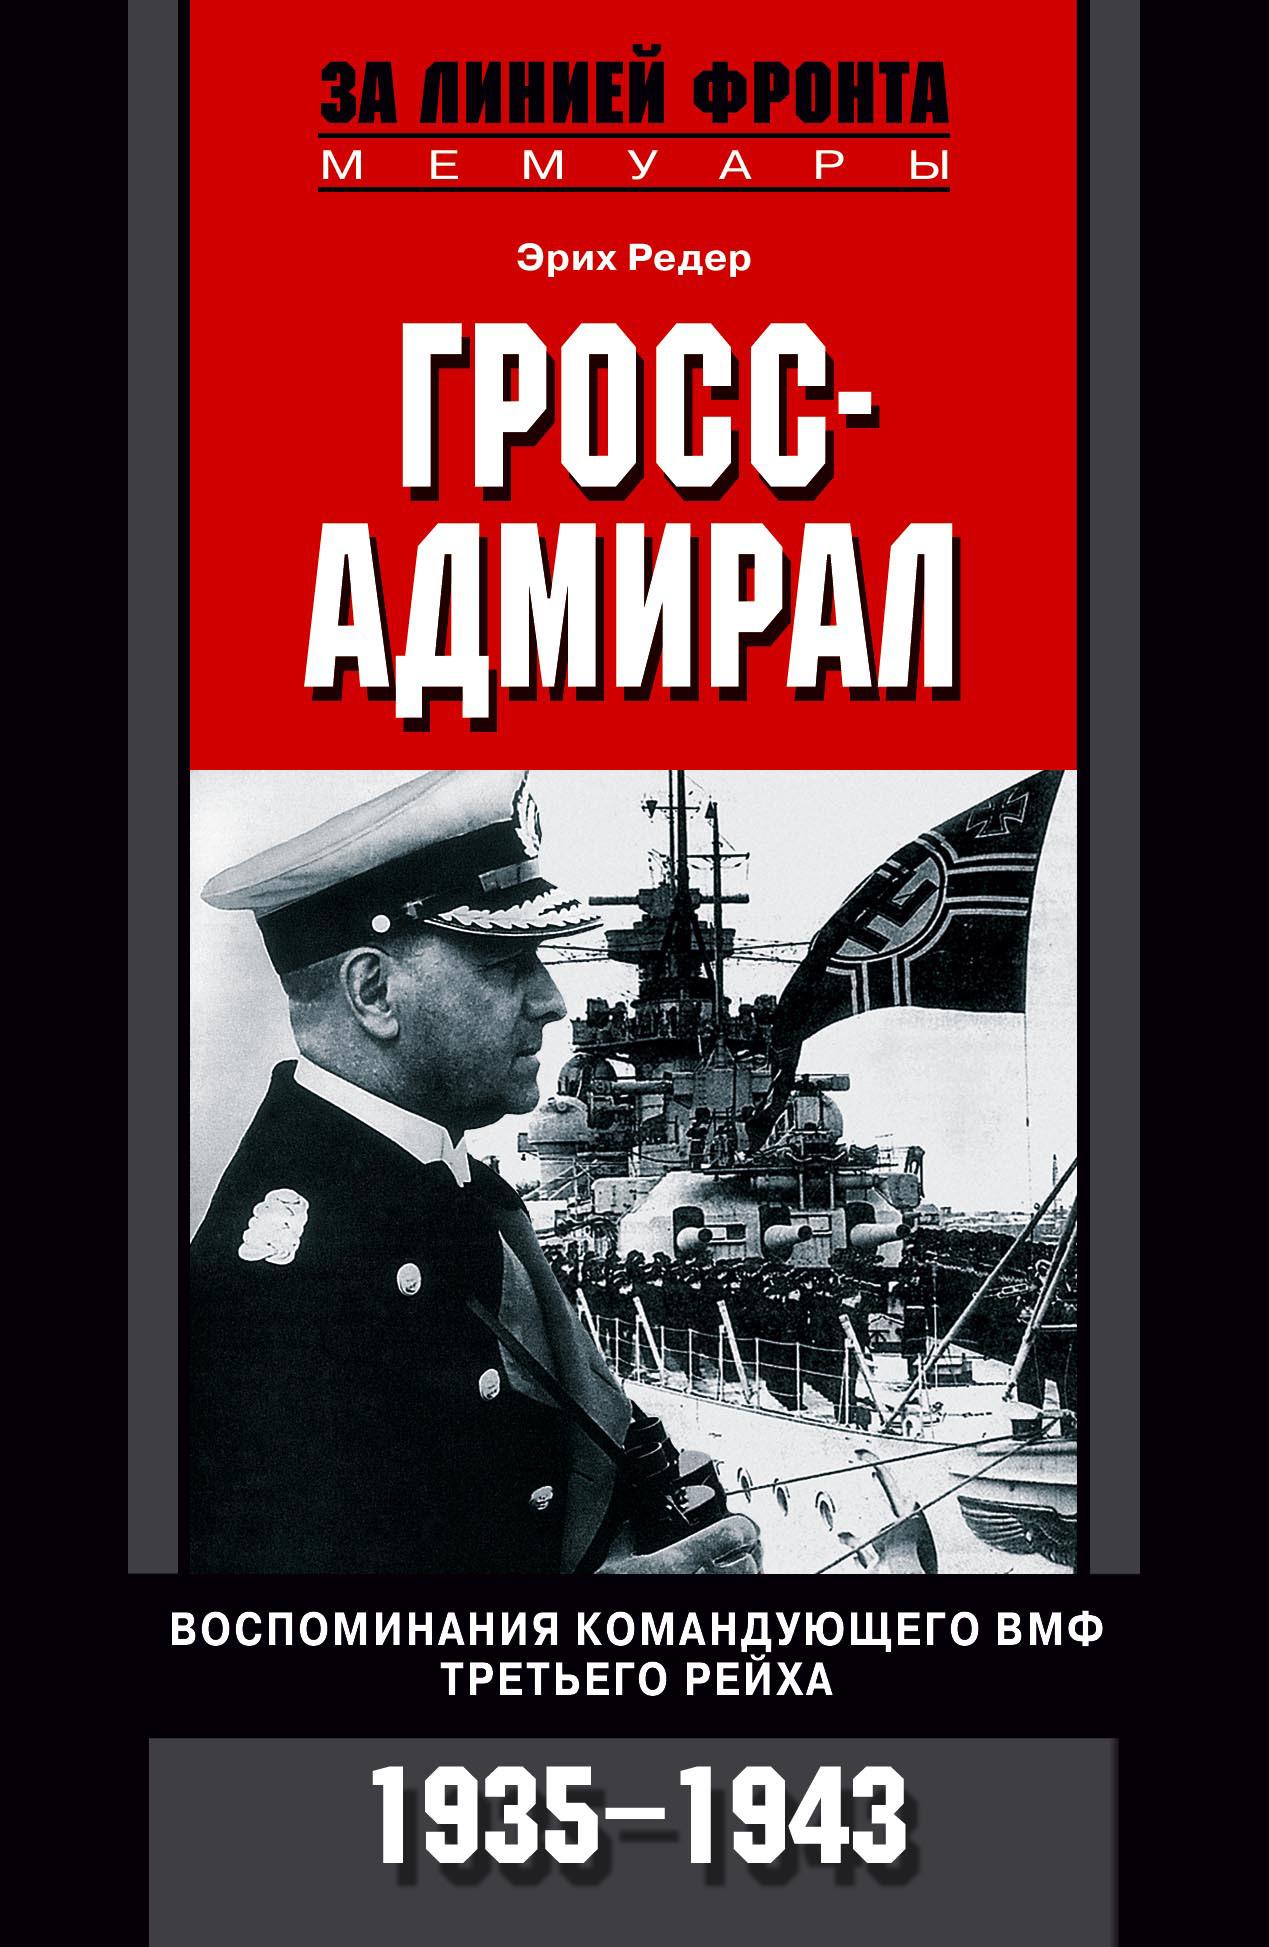 Эрих Редер Гросс-адмирал. Воспоминания командующего ВМФ Третьего рейха. 1935-1943 штатив monopod z07 5 bluetooth black for selfie